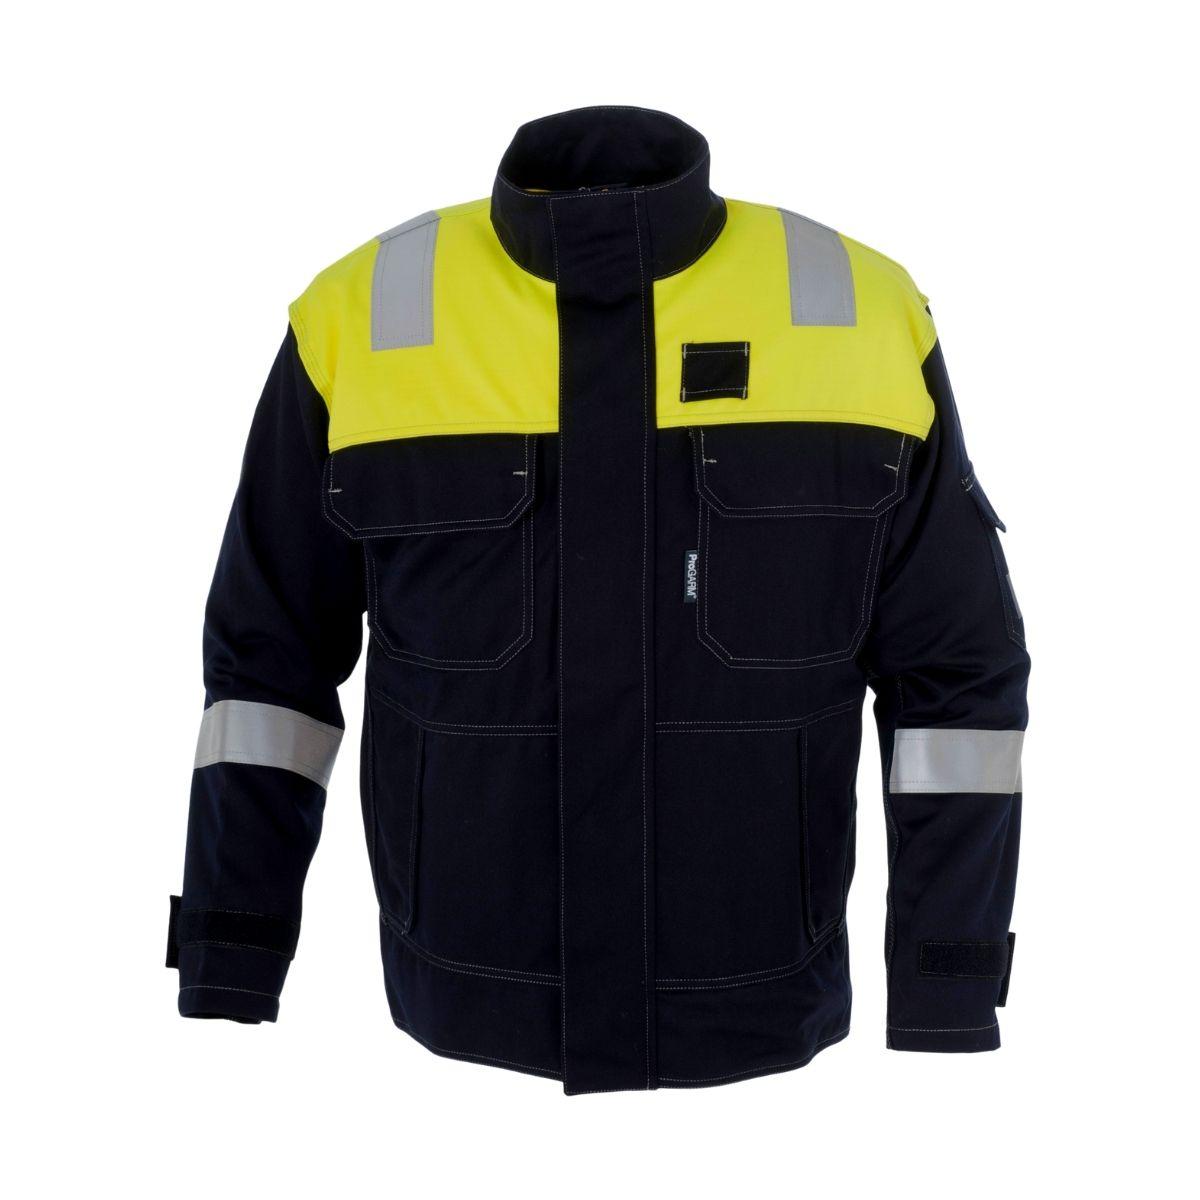 AS5808 ProGARM Jacket 300gsm Inherent AS FR Hi-Vis